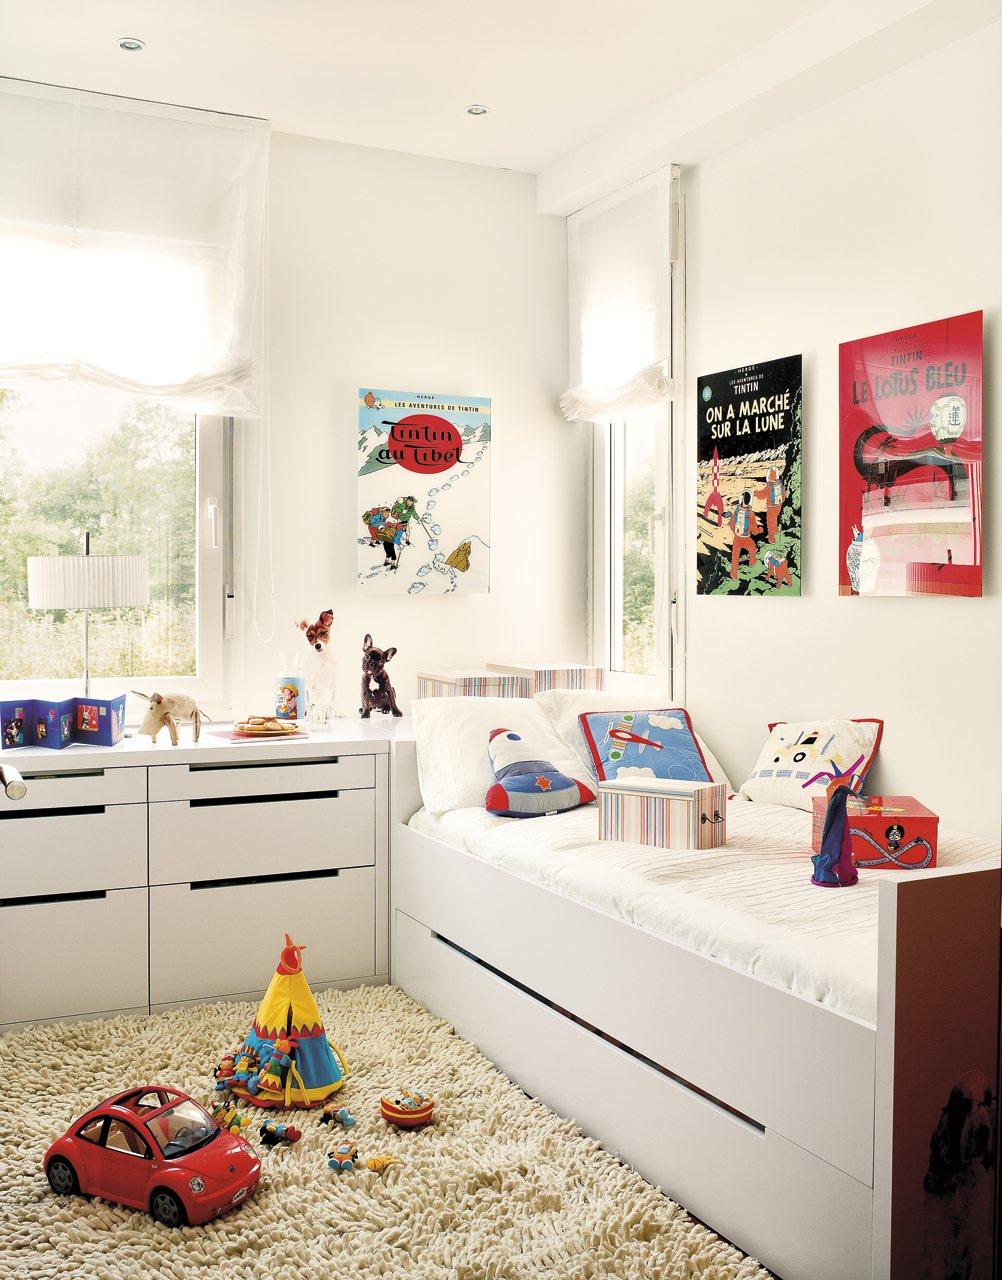 dormitorio infantil con cama nido sus personajes favoritos